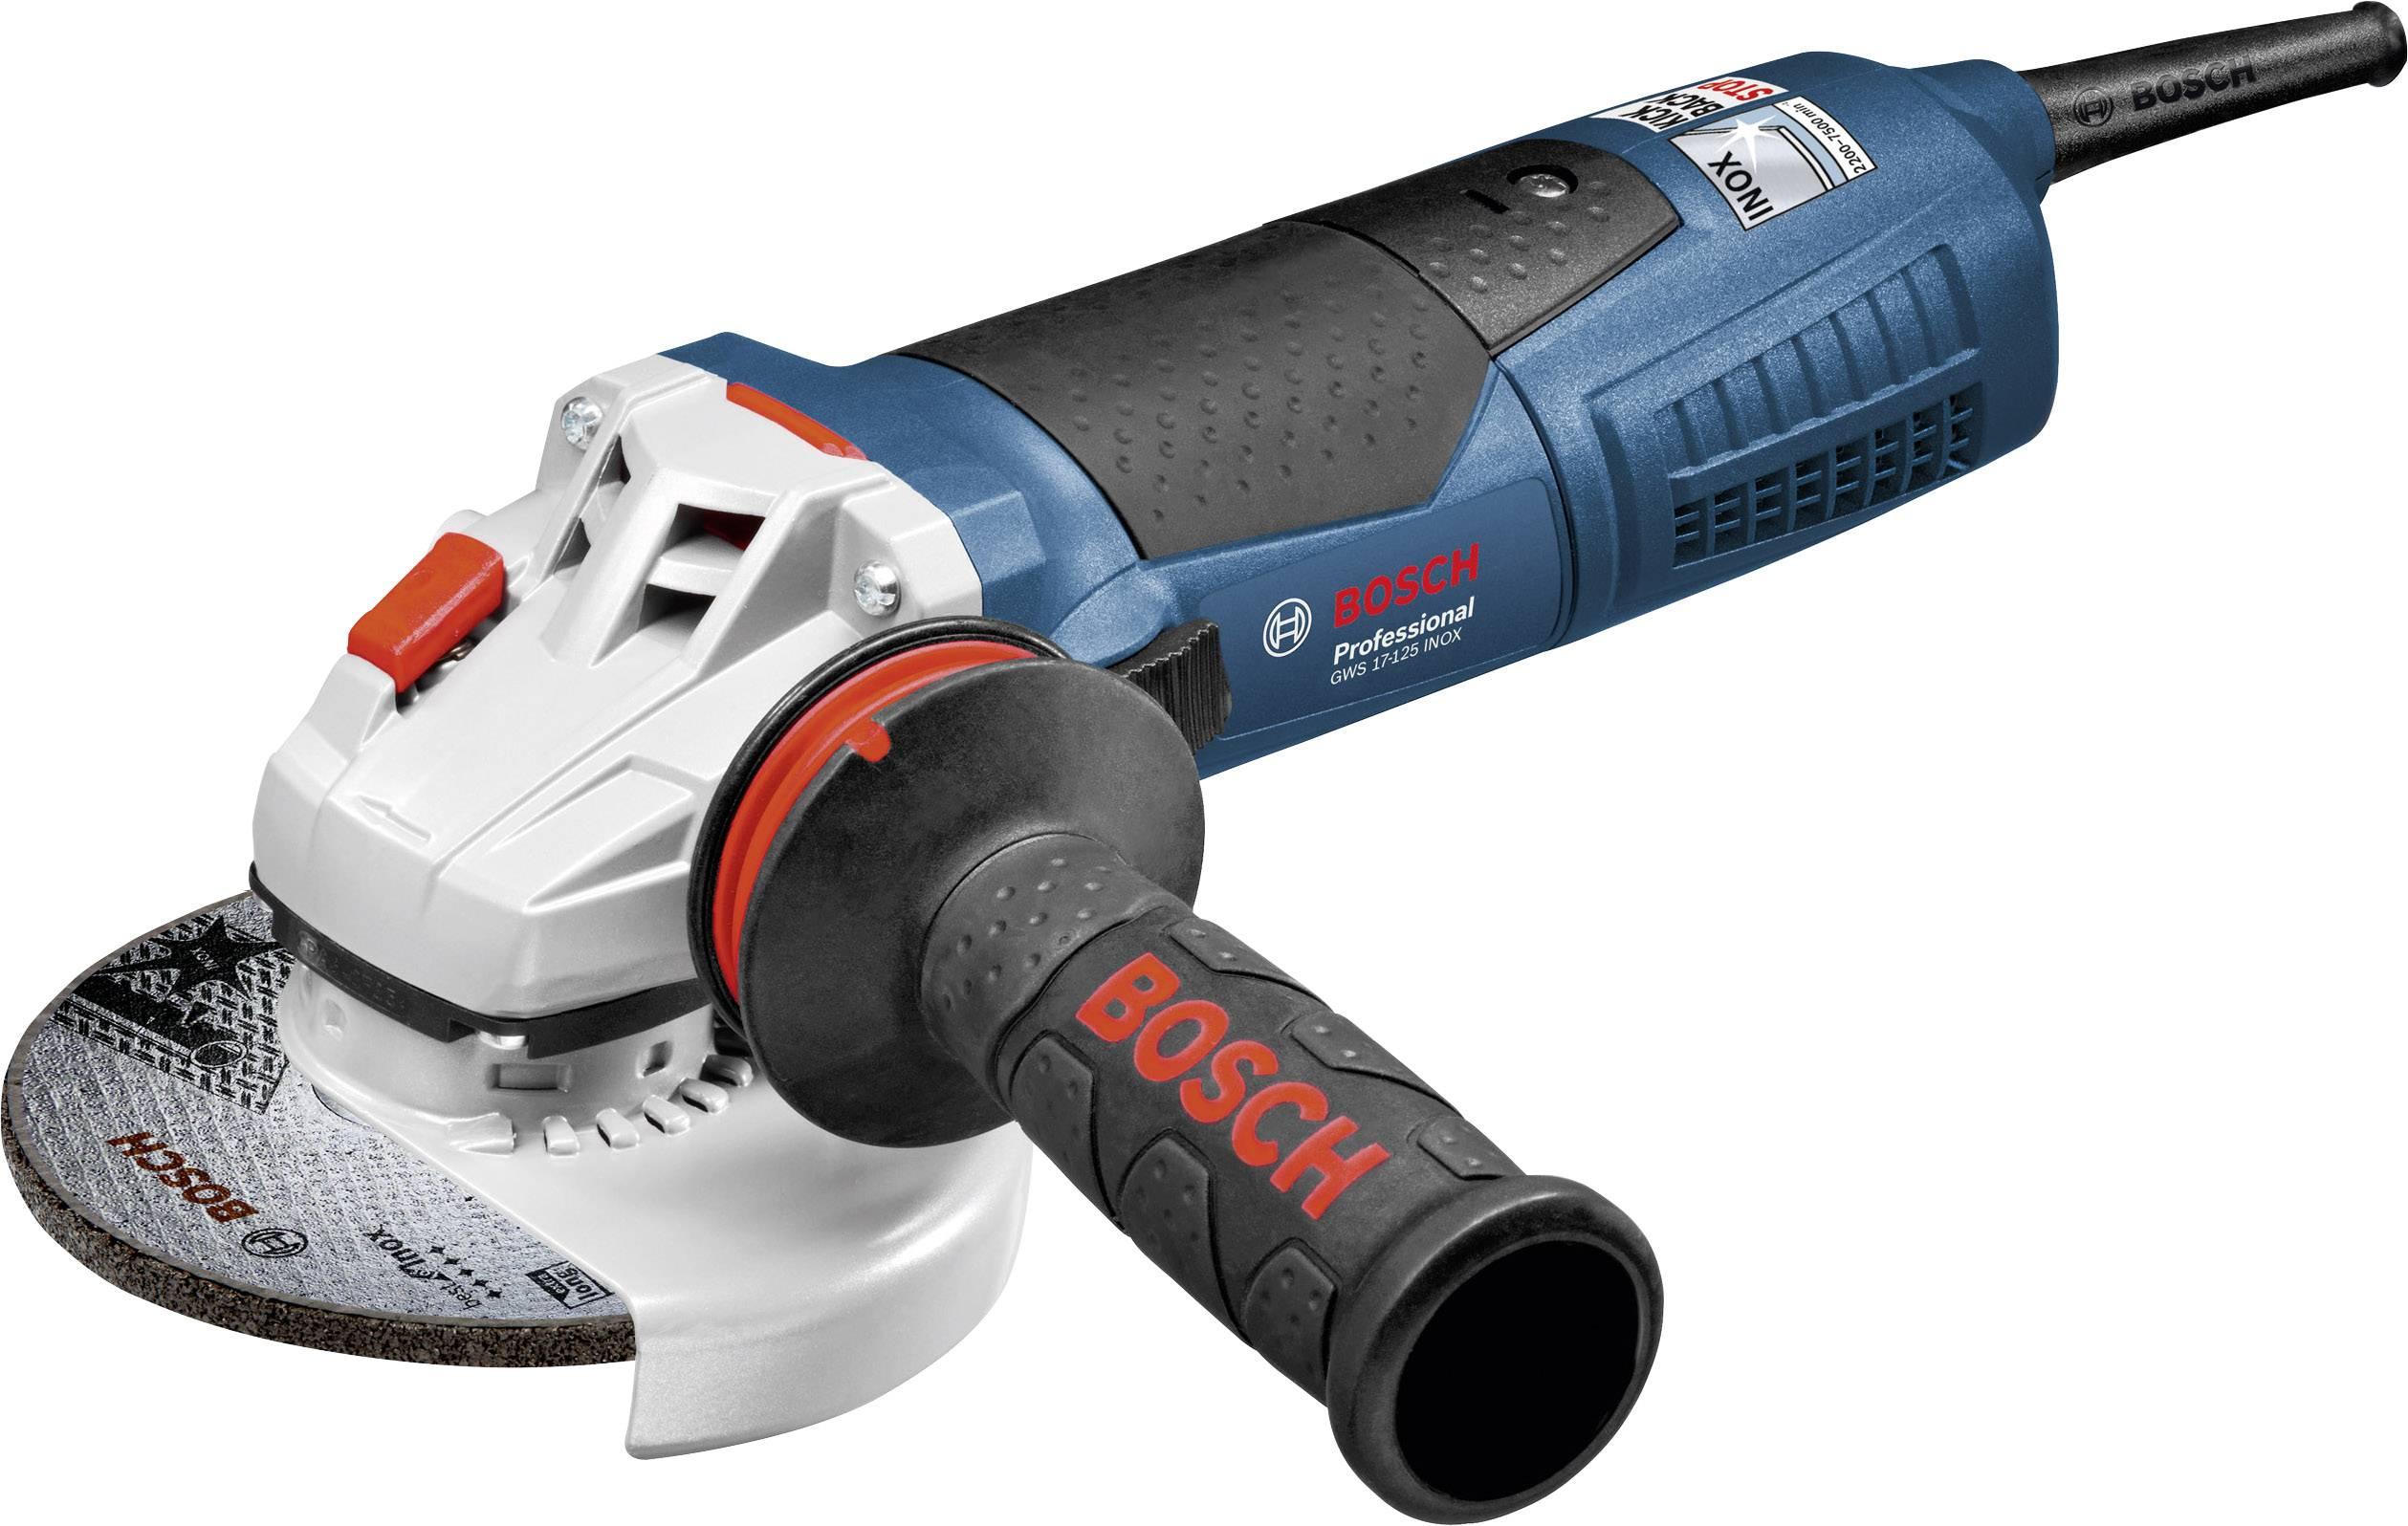 Bosch Professional GWS 17-125